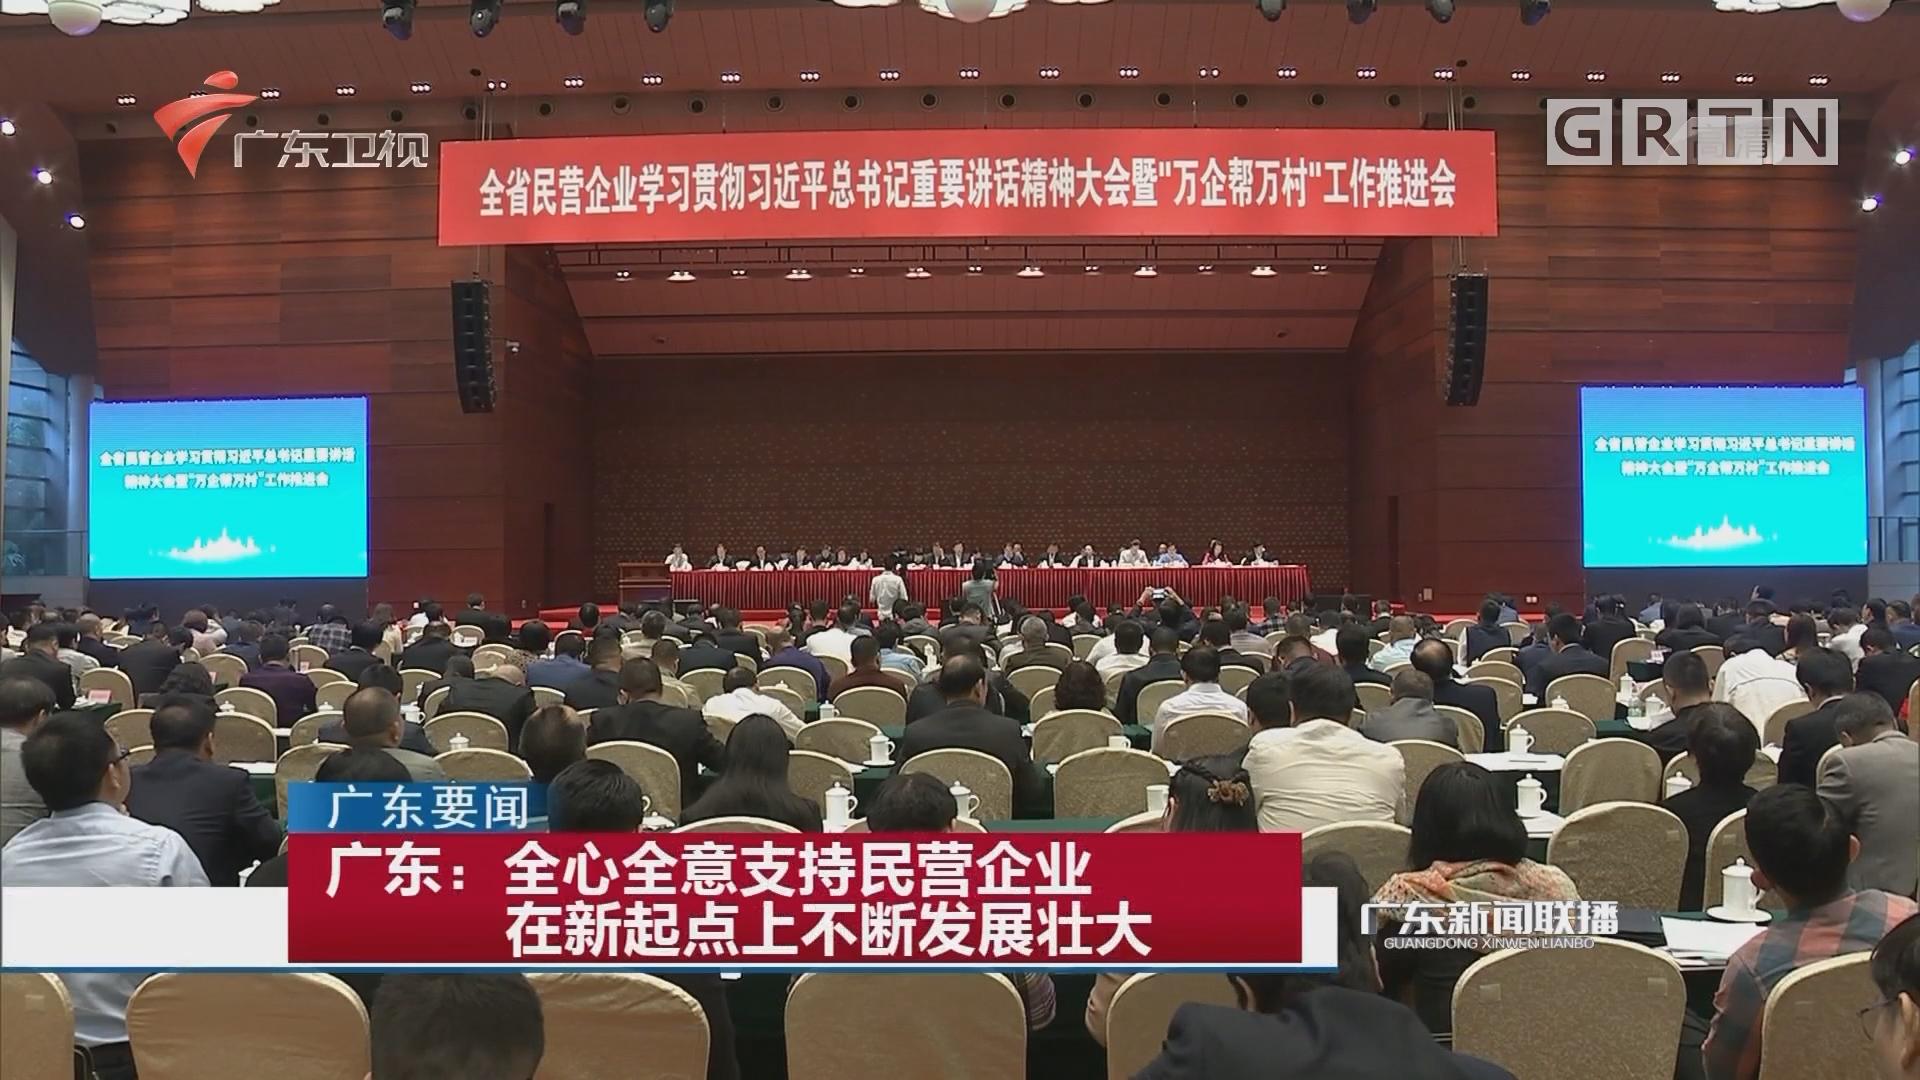 广东:全心全意支持民营企业 在新起点上不断发展壮大